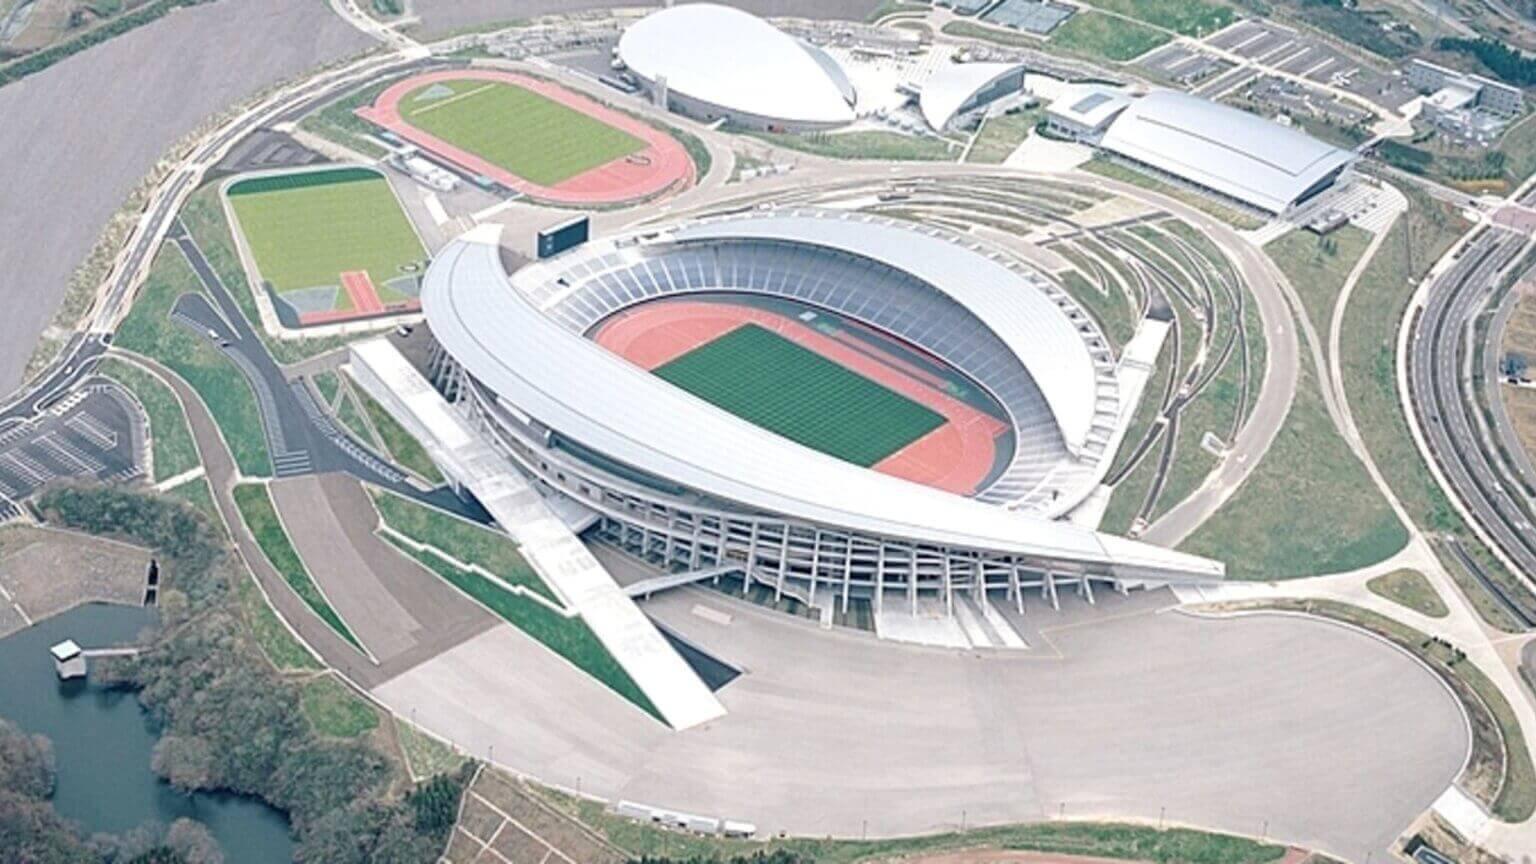 Vista aérea do estádio Miyagi.